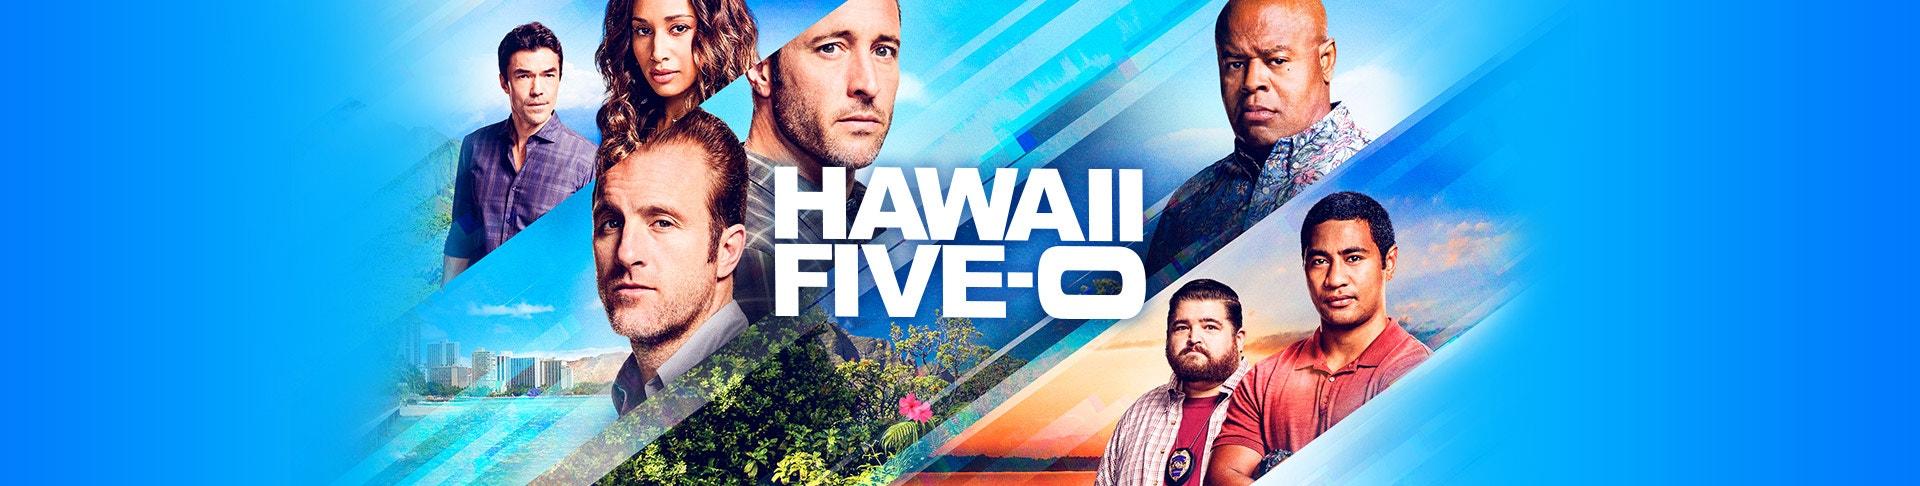 Hawaii Five-0 - Network Ten